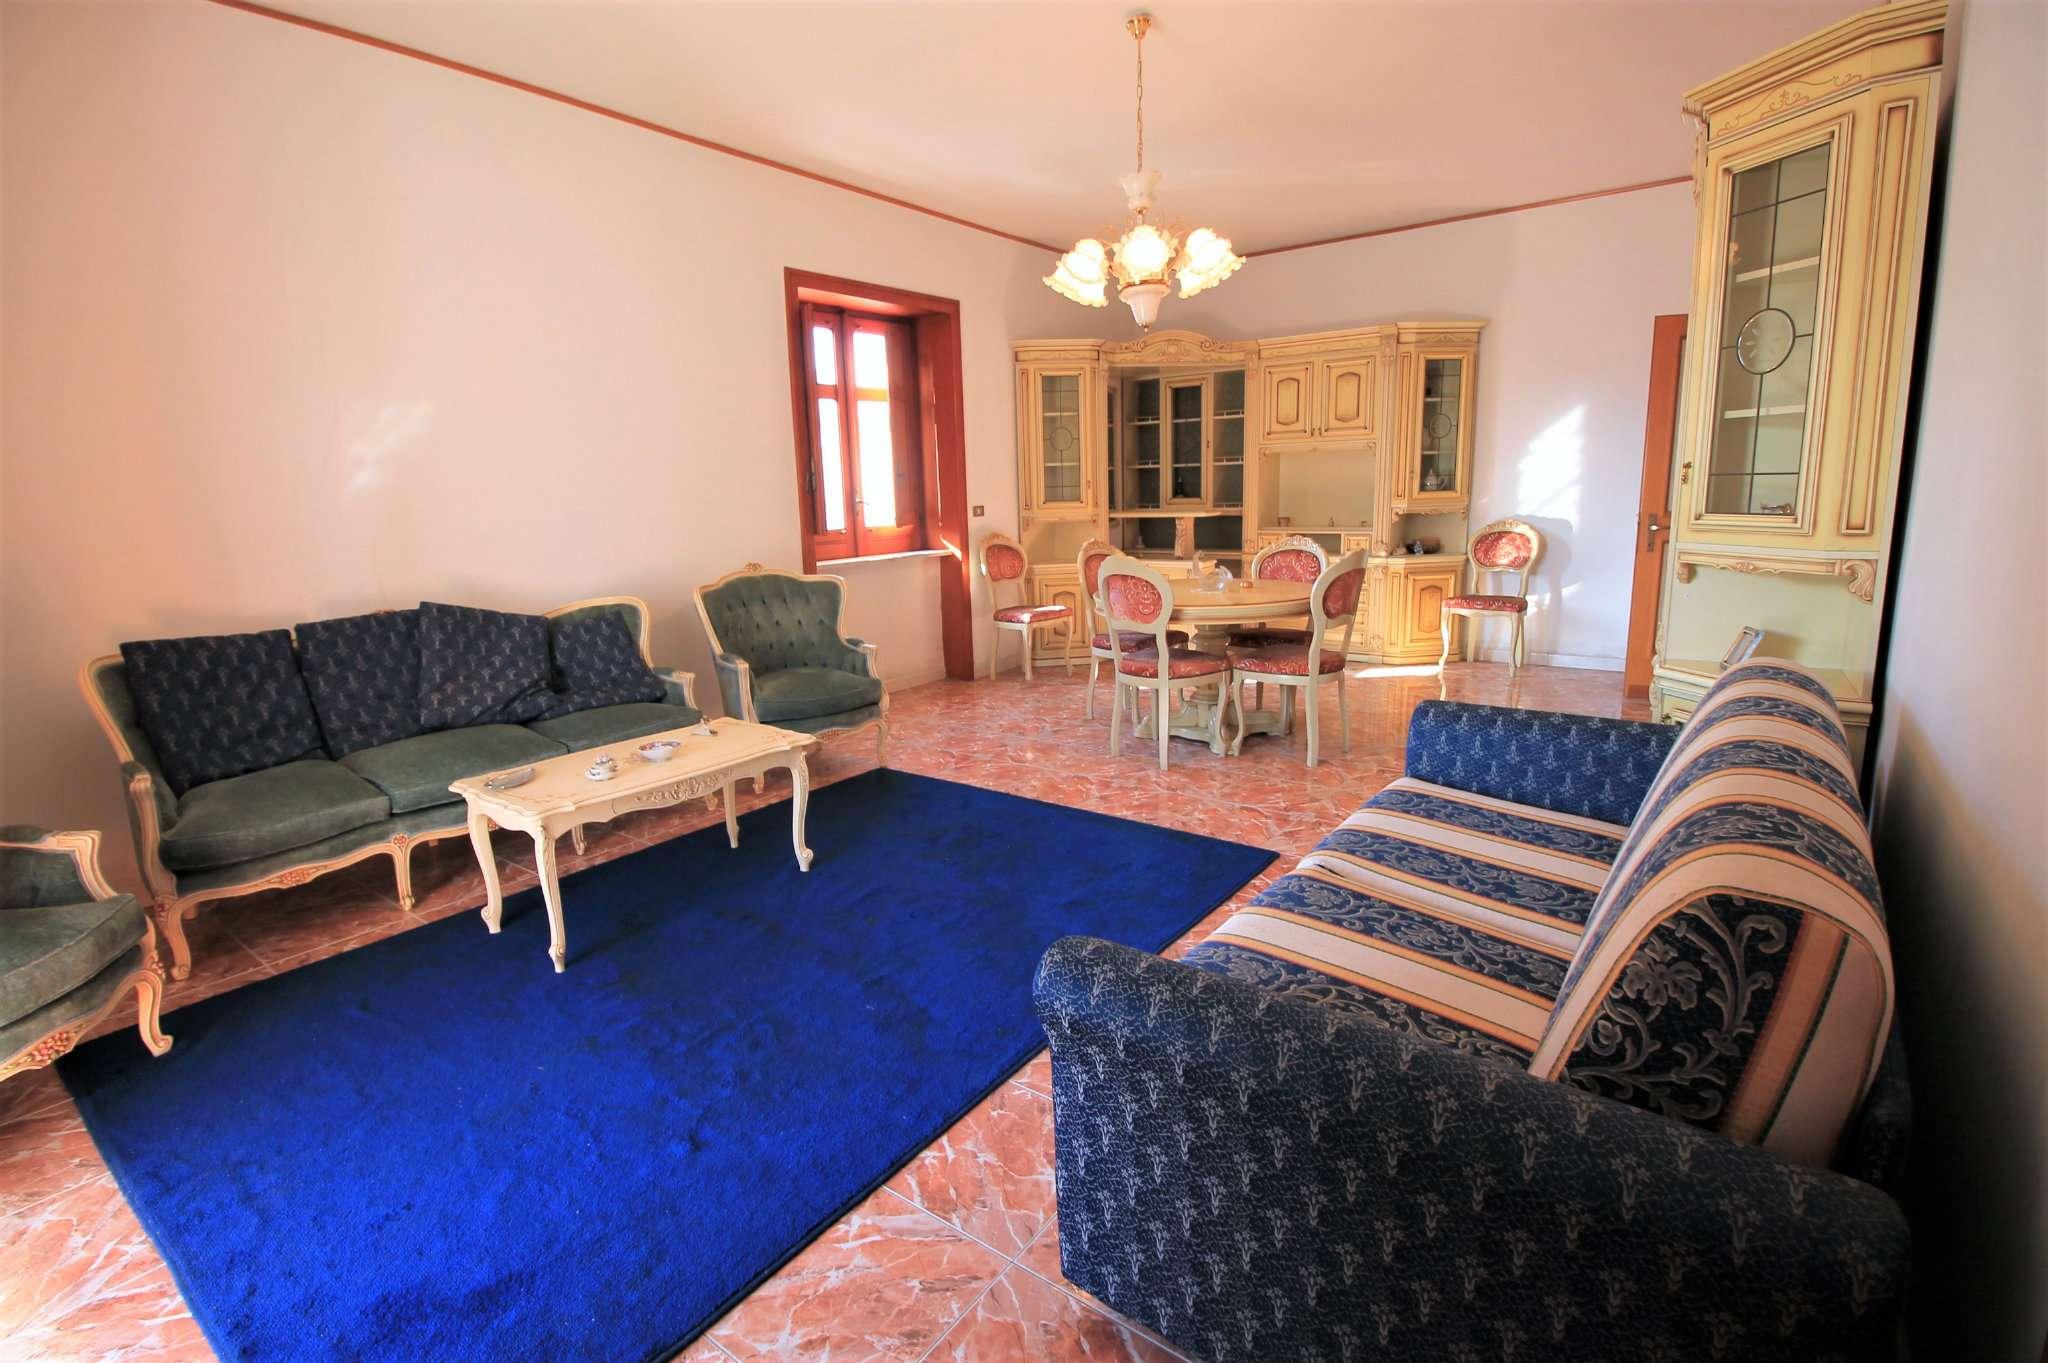 Appartamento in vendita a Saviano, 4 locali, prezzo € 225.000 | Cambio Casa.it